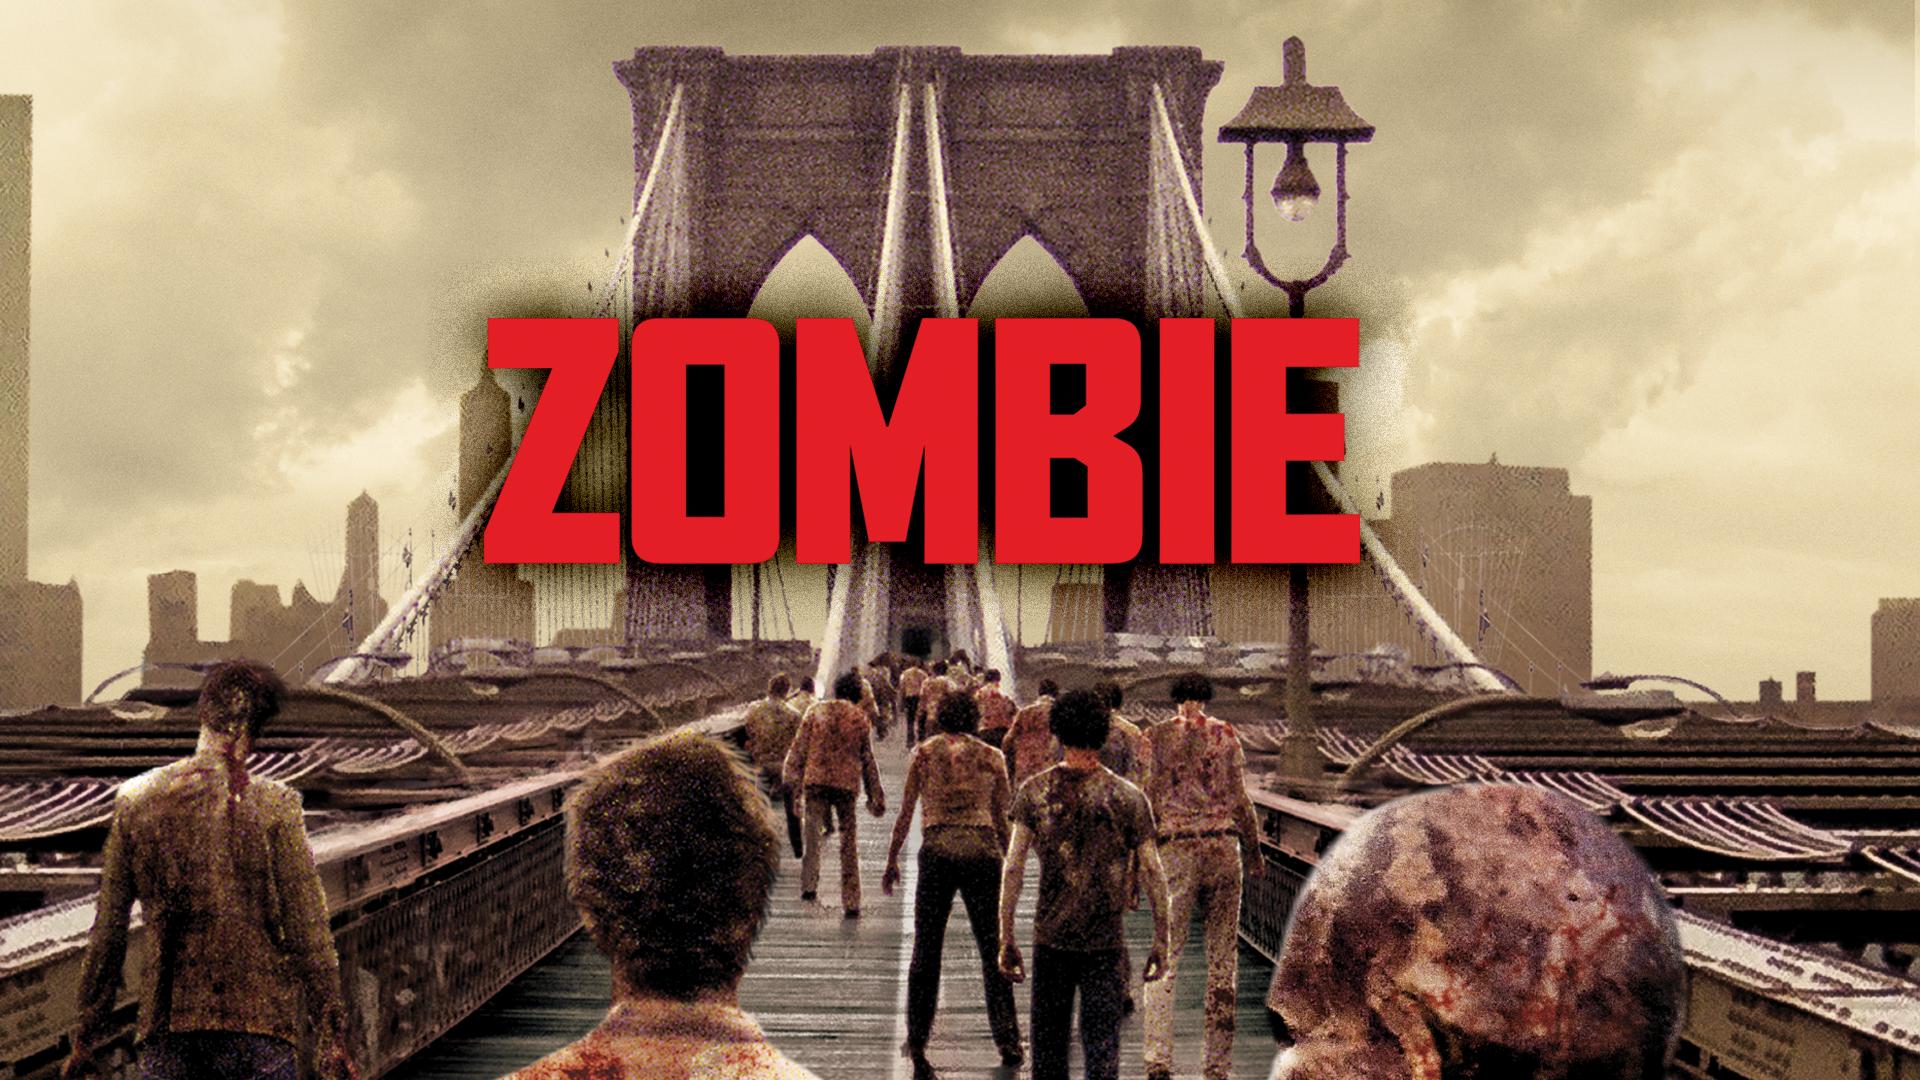 Zombie (Restored Version)